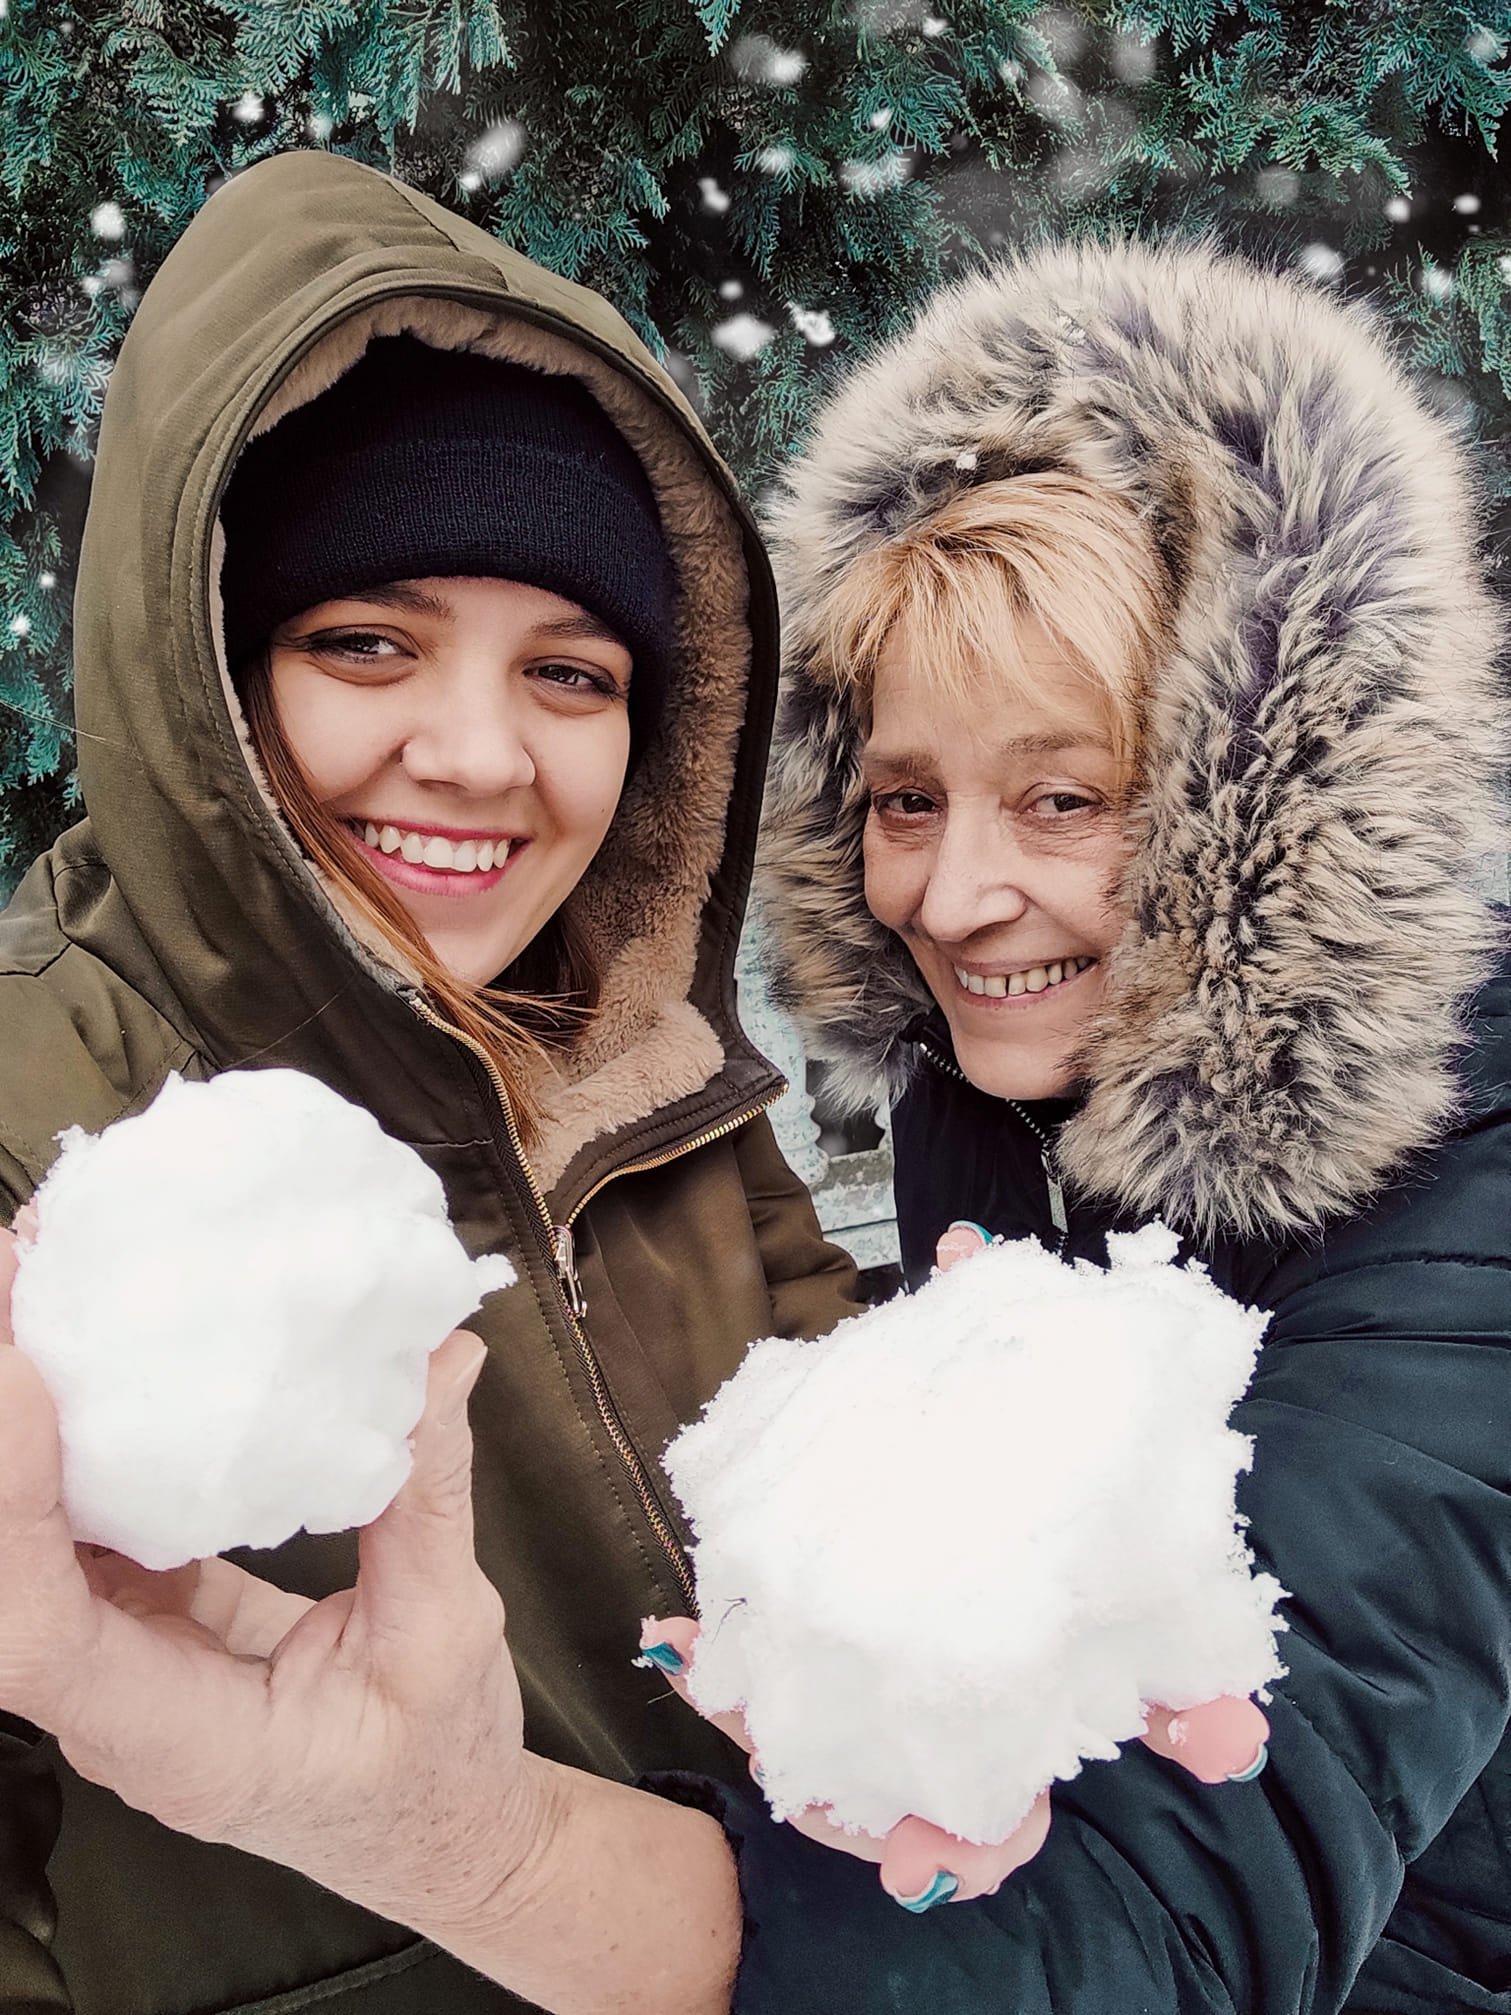 Małgorzata Stefańska i Paulina Sidoruk trzymają kulki śniegu